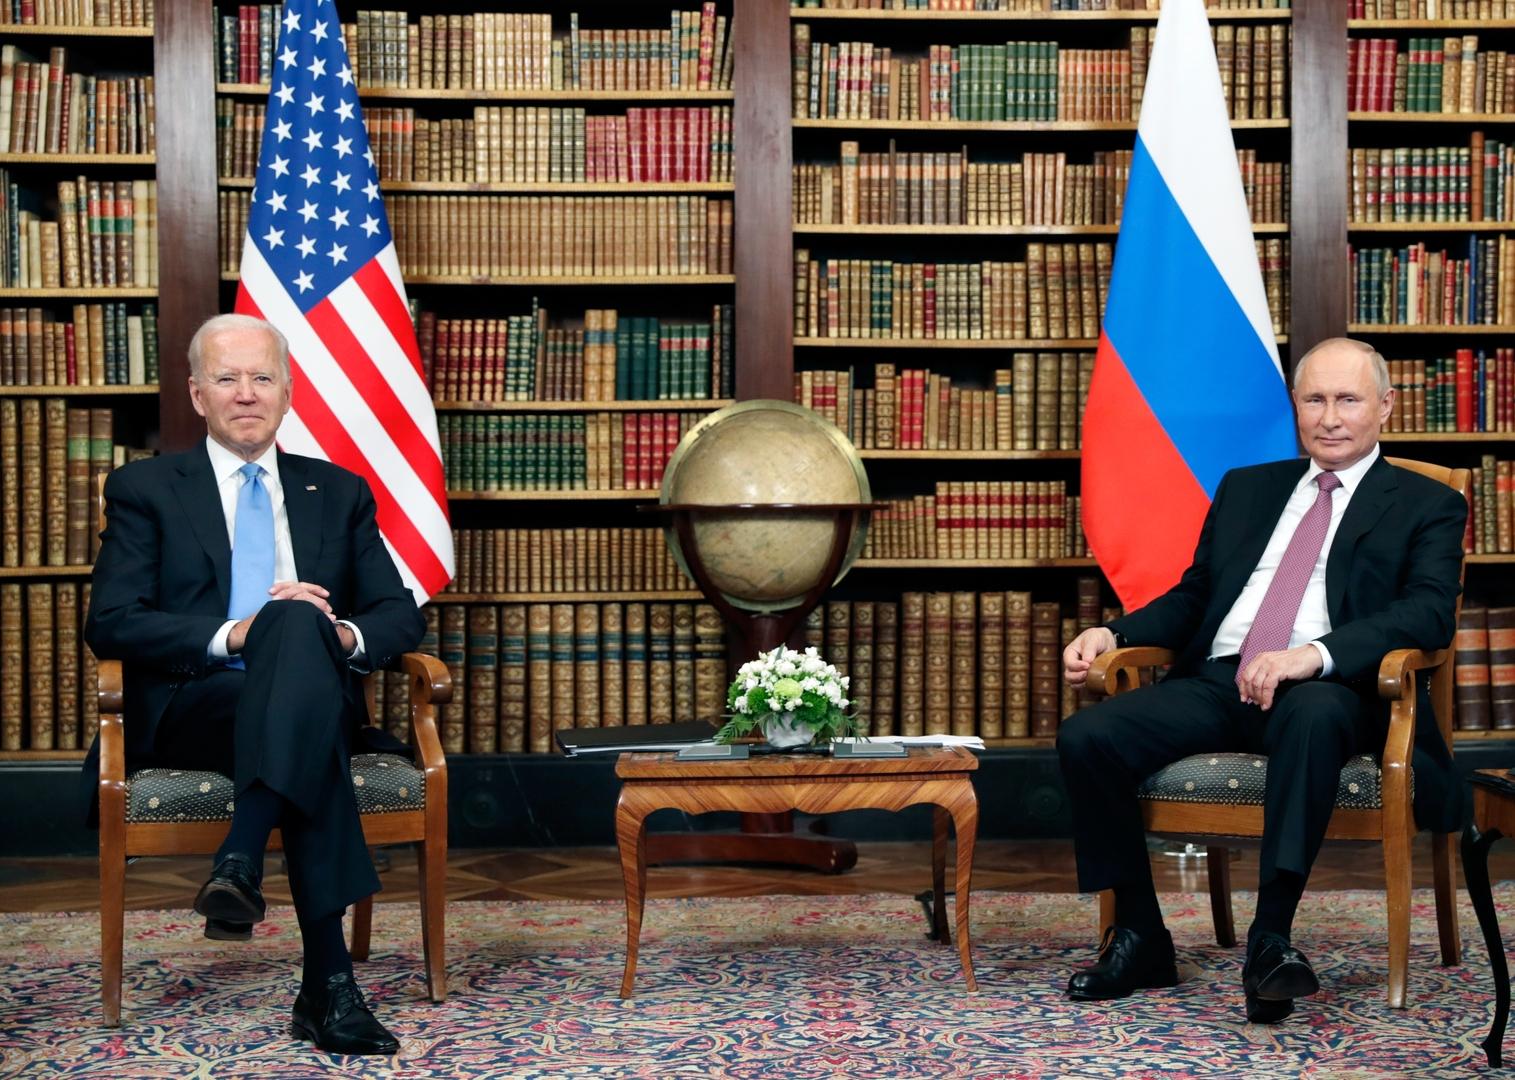 بوتين: لدي علاقات عملية مستدامة مع بايدن ومصالح موسكو وواشنطن في مجالي الأمن والطاقة تتطابق